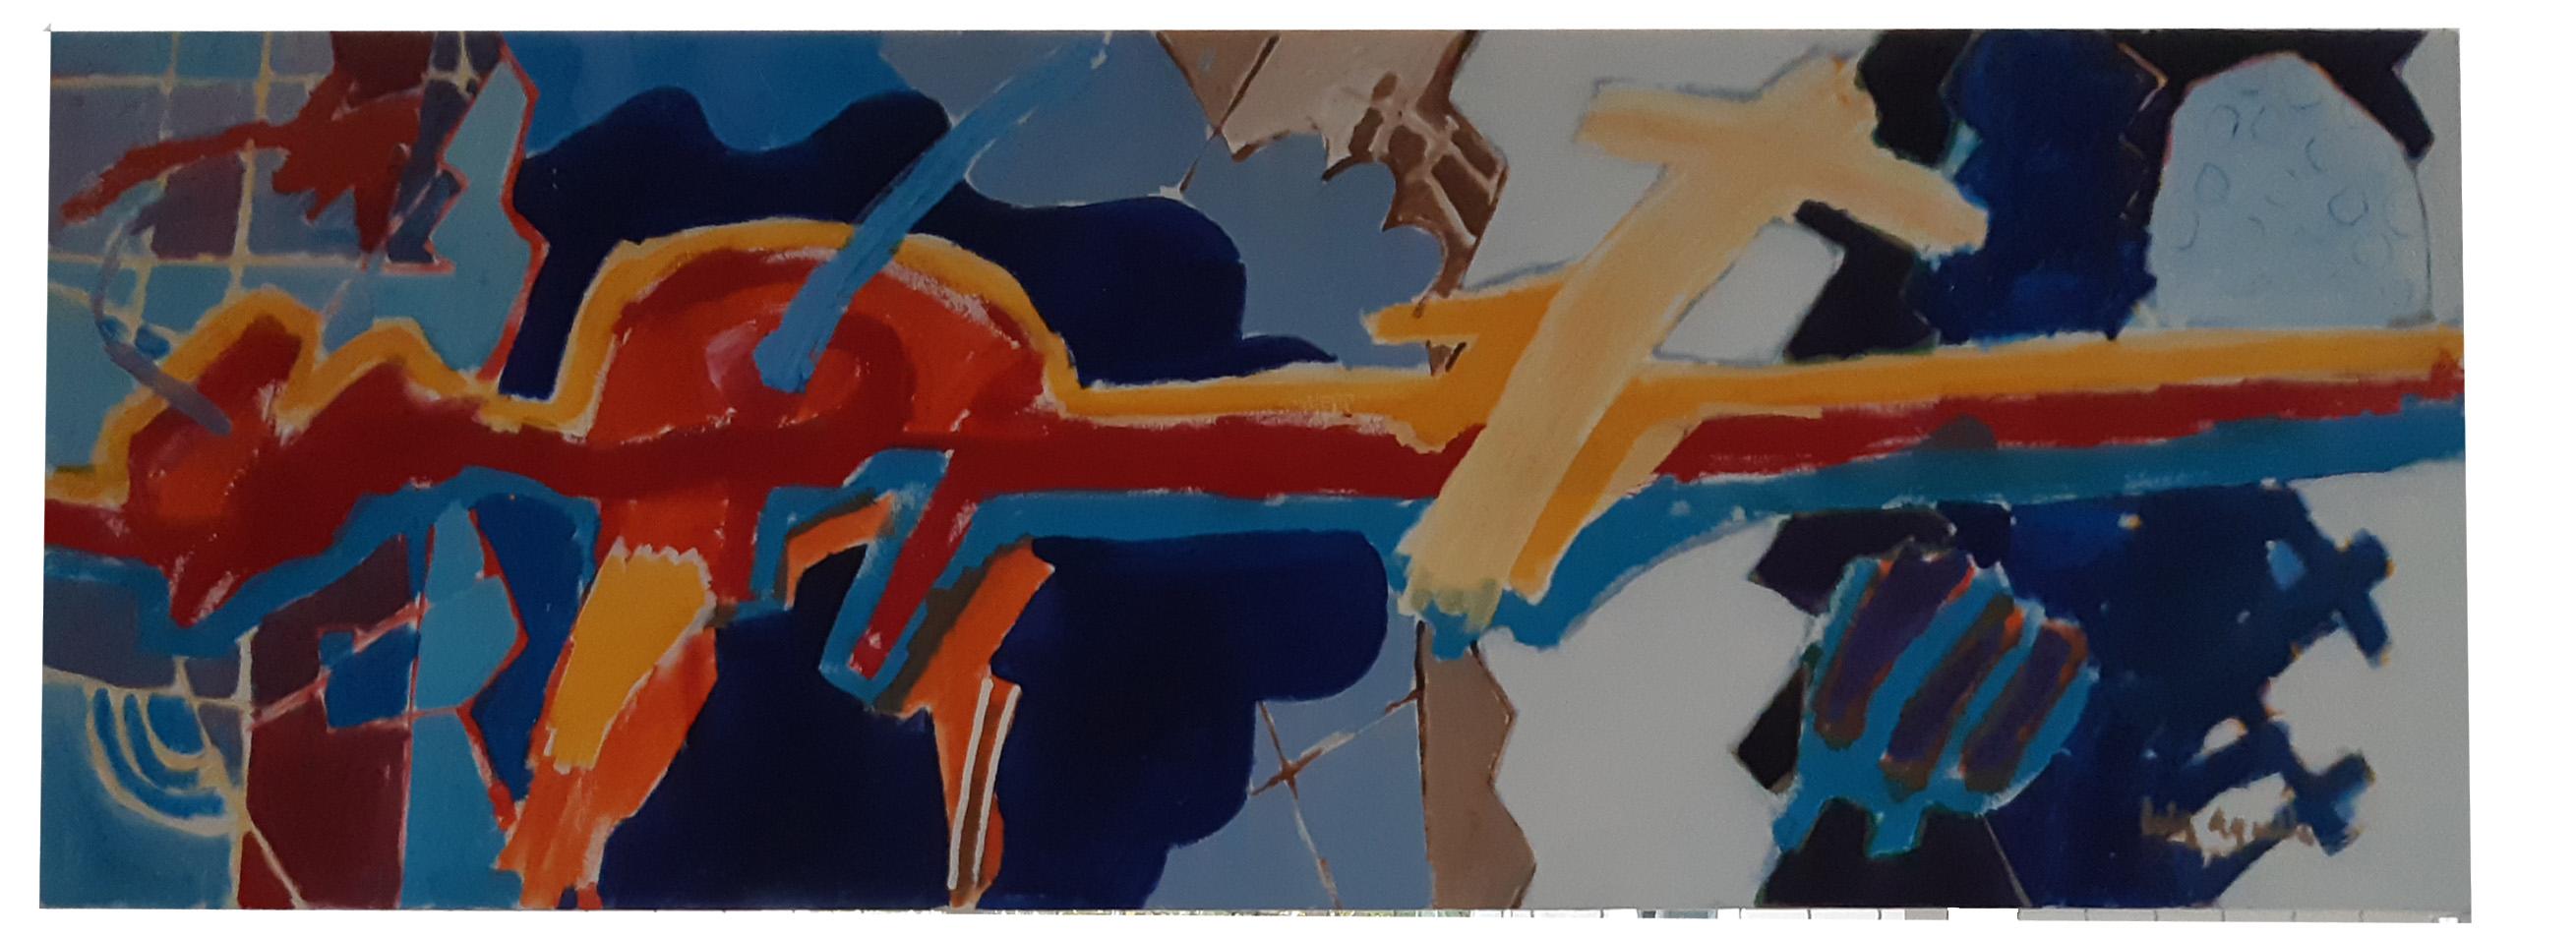 Luiz Áquila, A píntura e suas diversas conversas, Acrílica sobre tela, 60x180cm, 2020